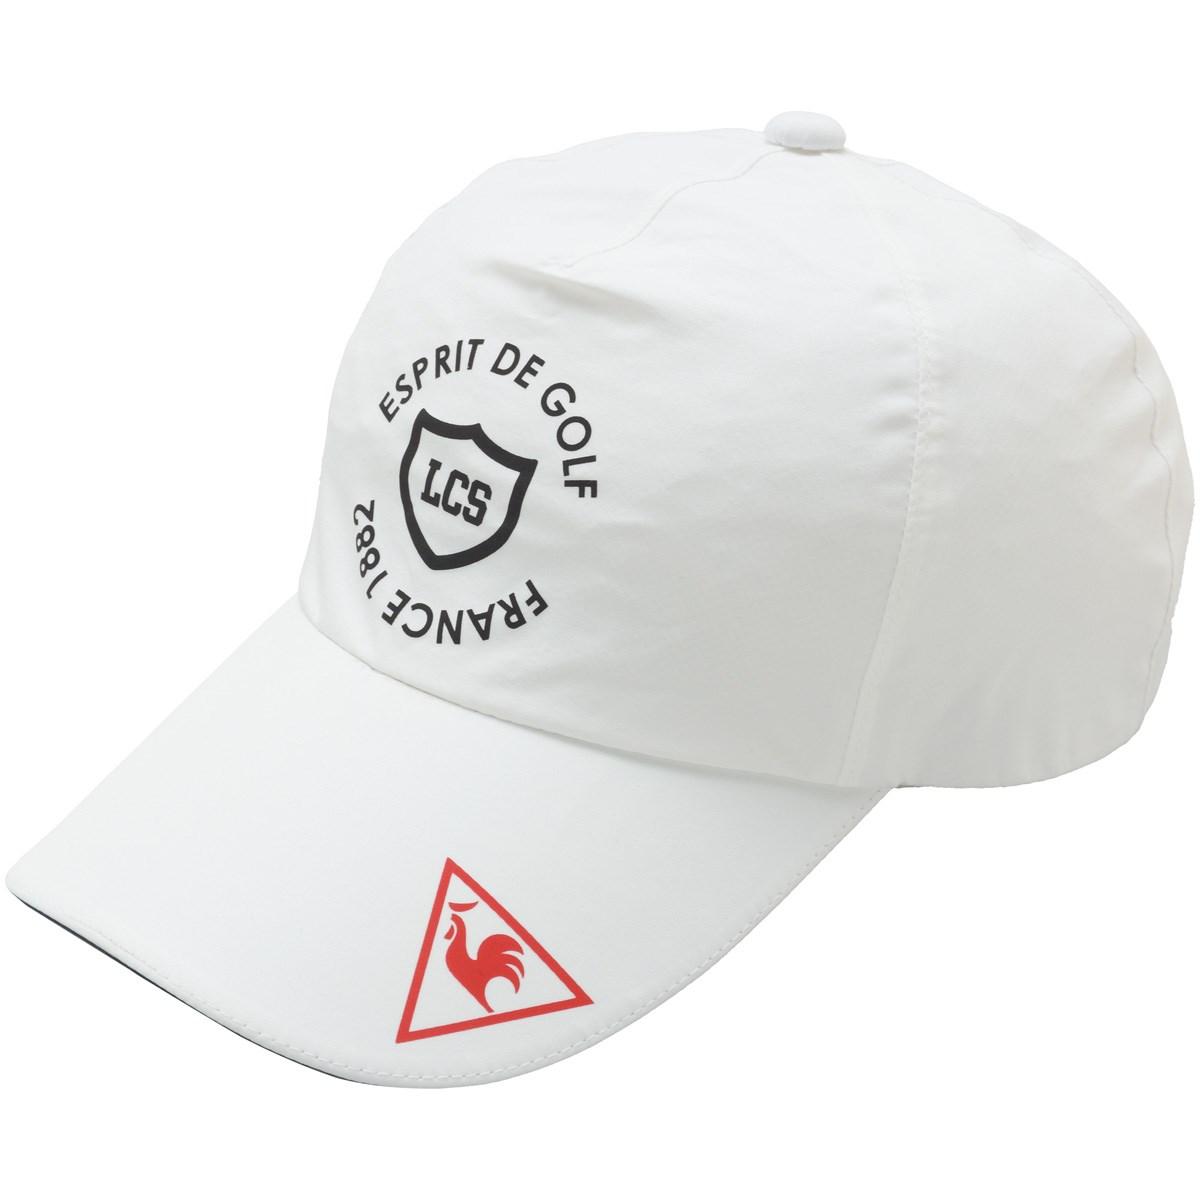 ルコックゴルフ Le coq sportif GOLF レインキャップ フリー ホワイト 00 レディス